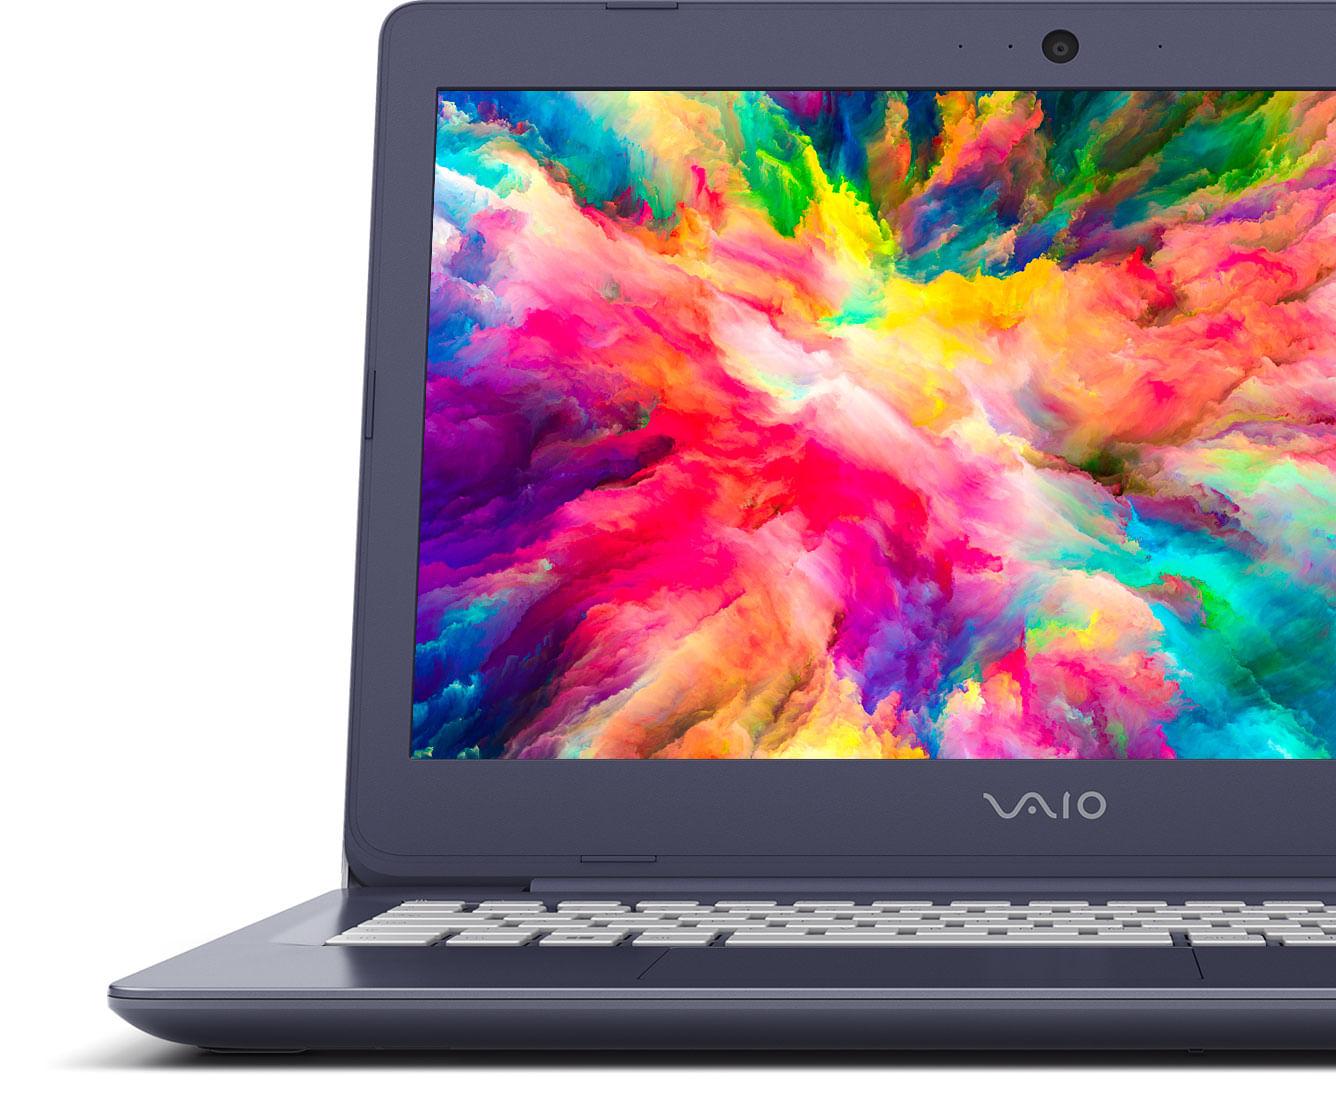 VAIO C14 Full HD 1080p